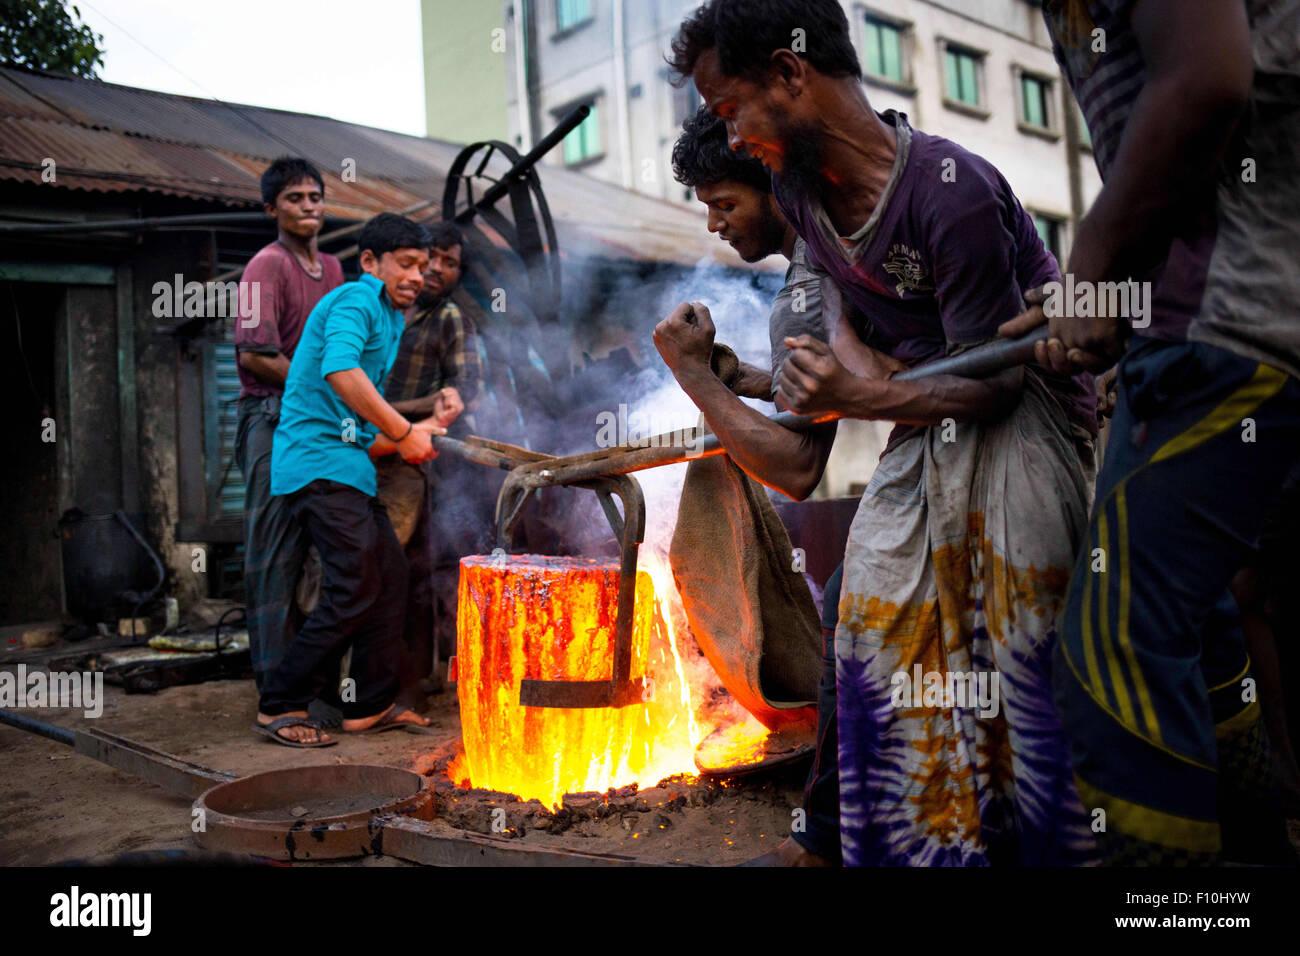 Dhaka, Bangladesh. 24th Aug, 2015. Aug. 16, 2015 - Dhaka, Bangladesh - There are many shipyards located in Dhaka, - Stock Image